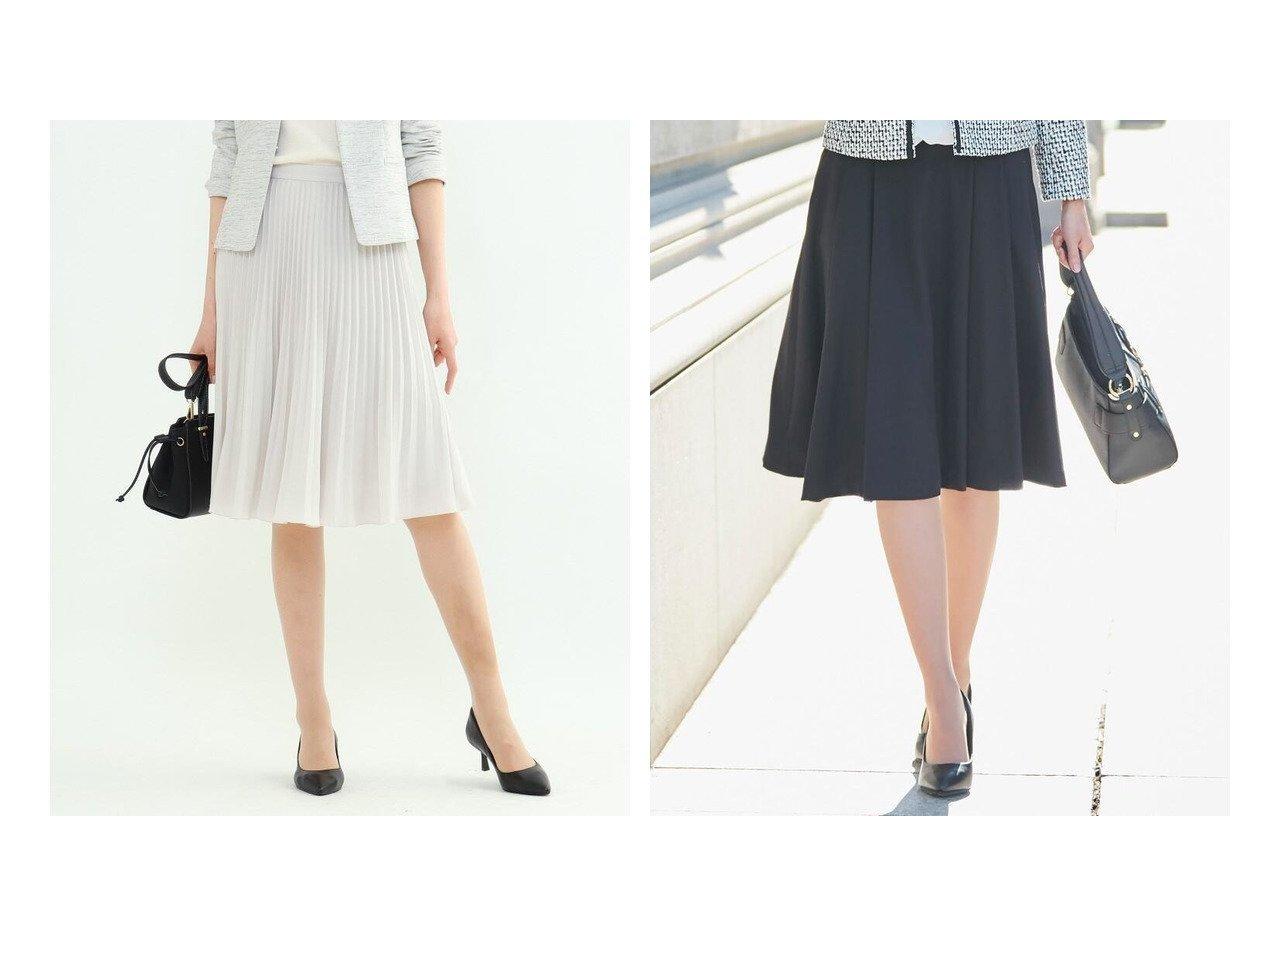 【SHOO LA RUE/シューラルー】の【S-4L】タックフレアースカート&【INDIVI/インディヴィ】のプリーツデシンスカート スカートのおすすめ!人気、トレンド・レディースファッションの通販  おすすめで人気の流行・トレンド、ファッションの通販商品 メンズファッション・キッズファッション・インテリア・家具・レディースファッション・服の通販 founy(ファニー) https://founy.com/ ファッション Fashion レディースファッション WOMEN スカート Skirt Aライン/フレアスカート Flared A-Line Skirts エアリー ドレープ プリーツ ポケット 再入荷 Restock/Back in Stock/Re Arrival  ID:crp329100000019231